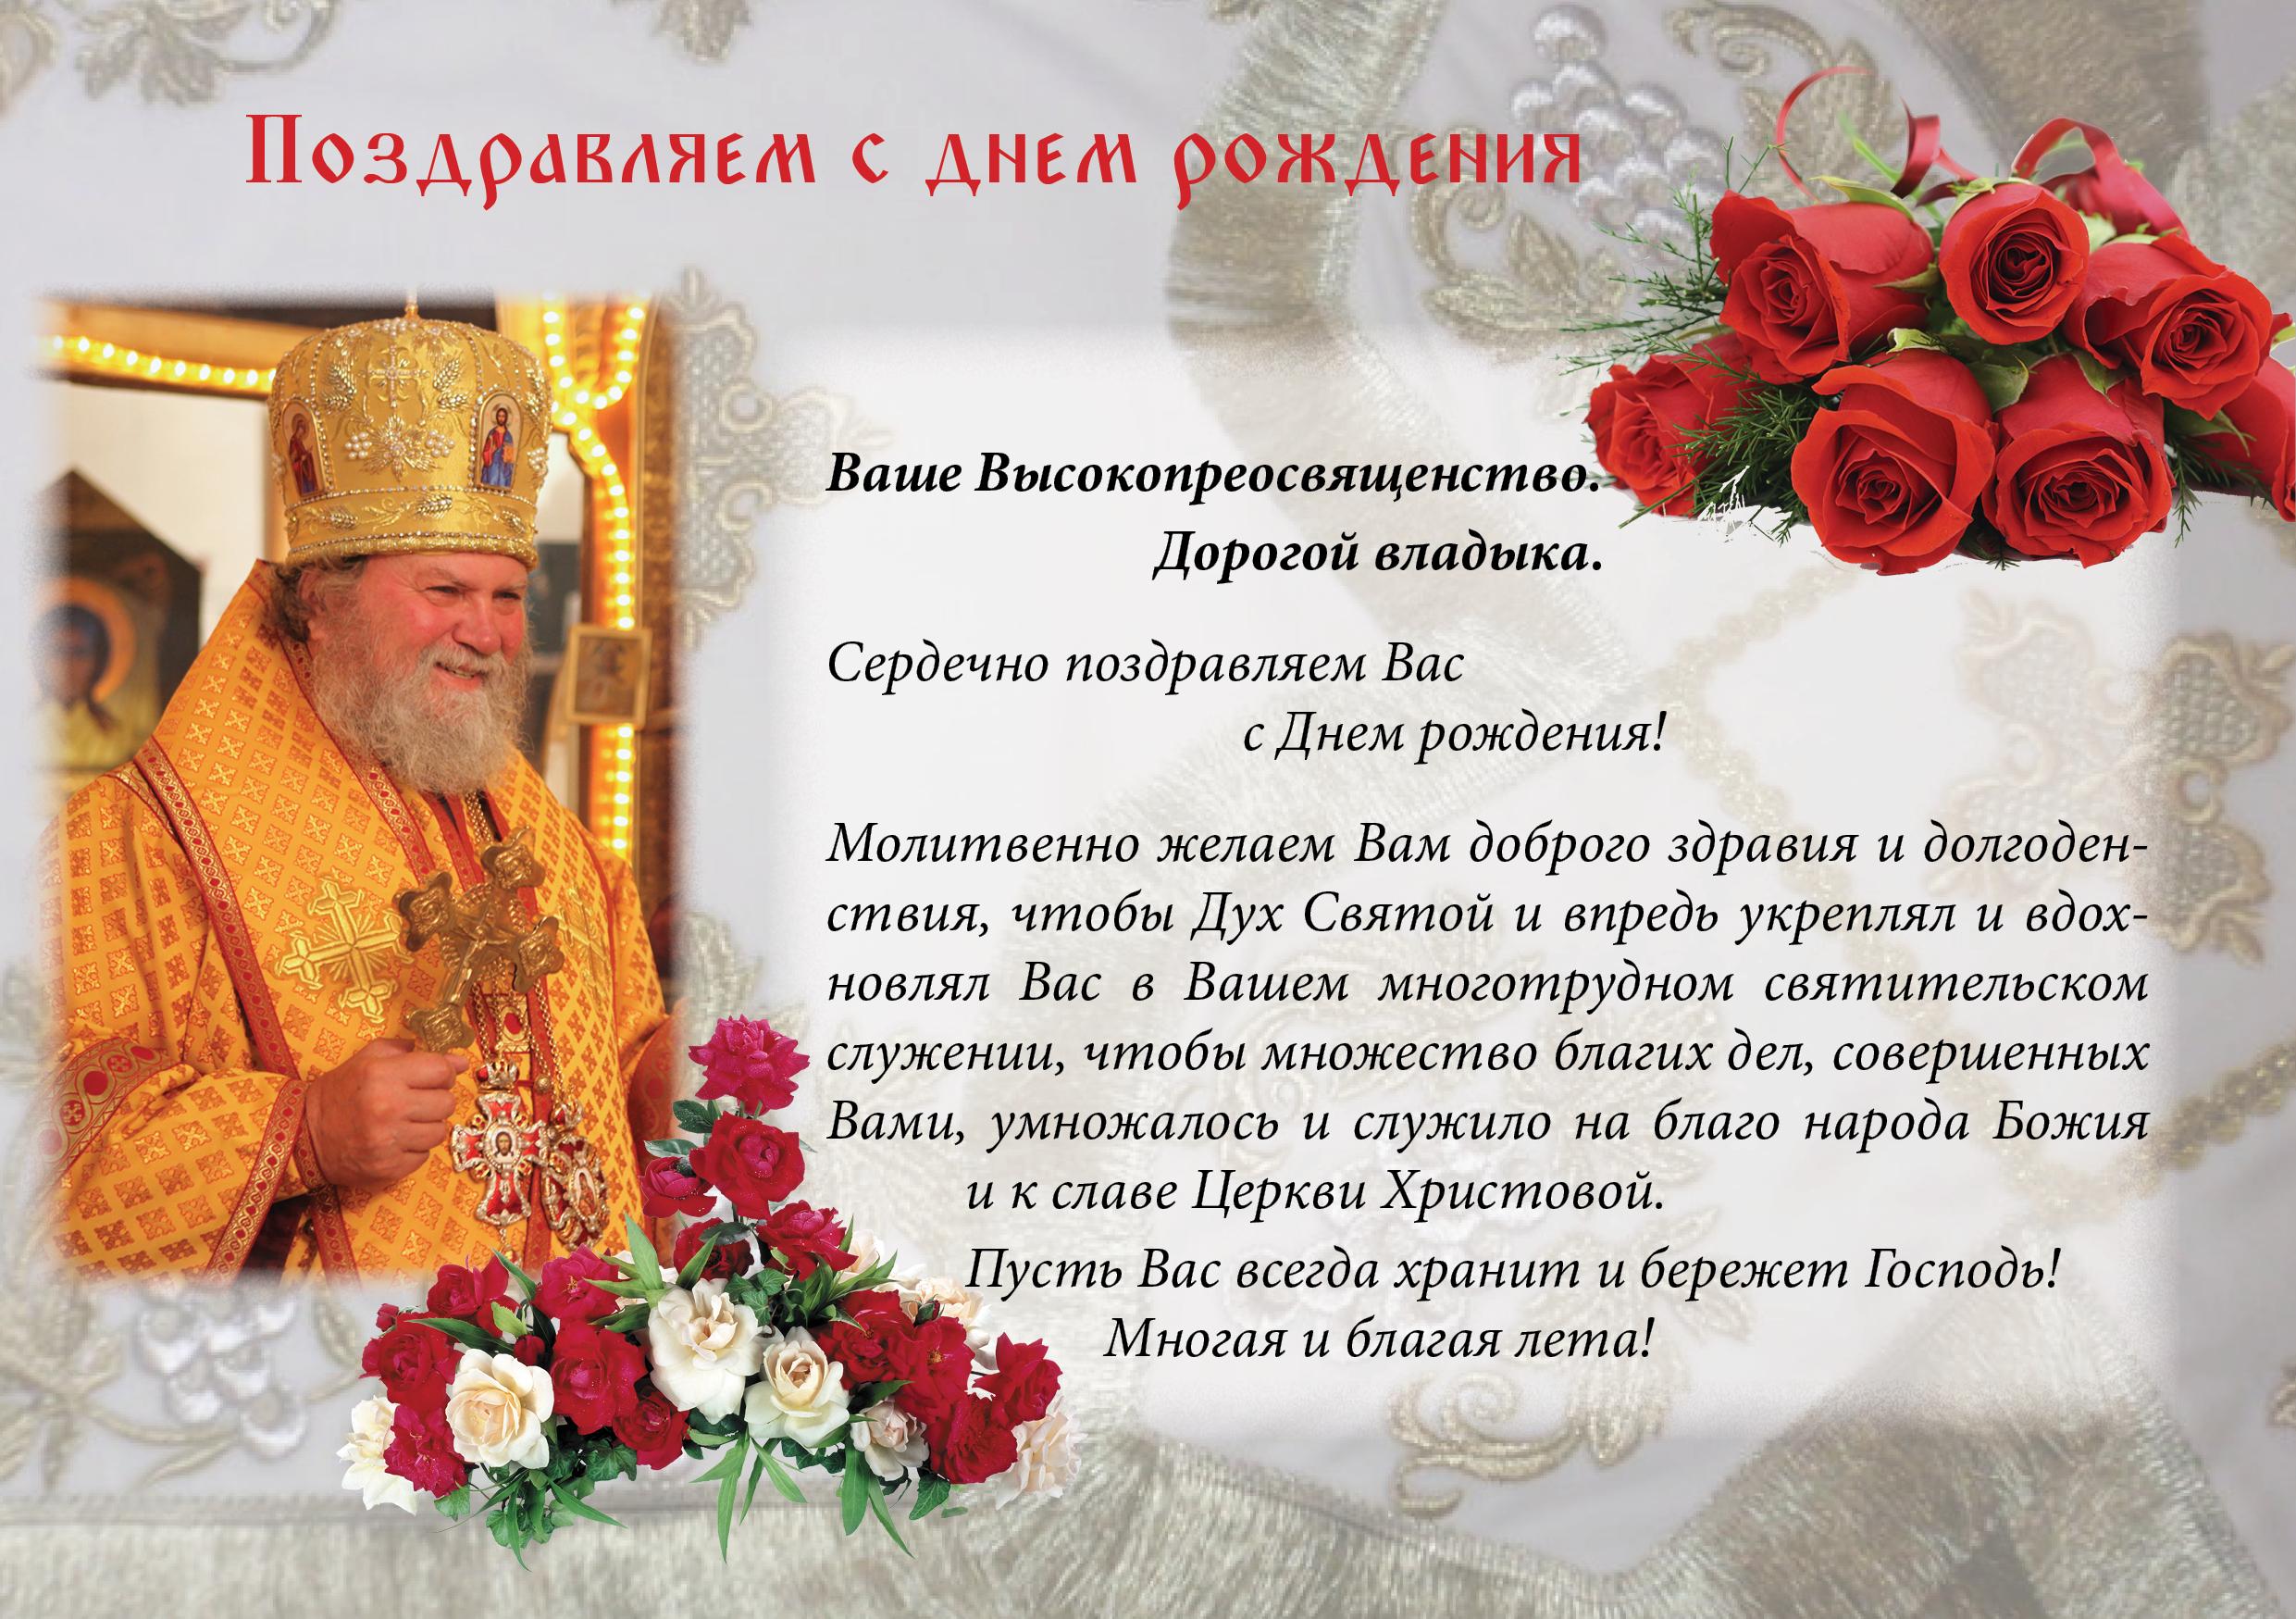 Поздравление владыку